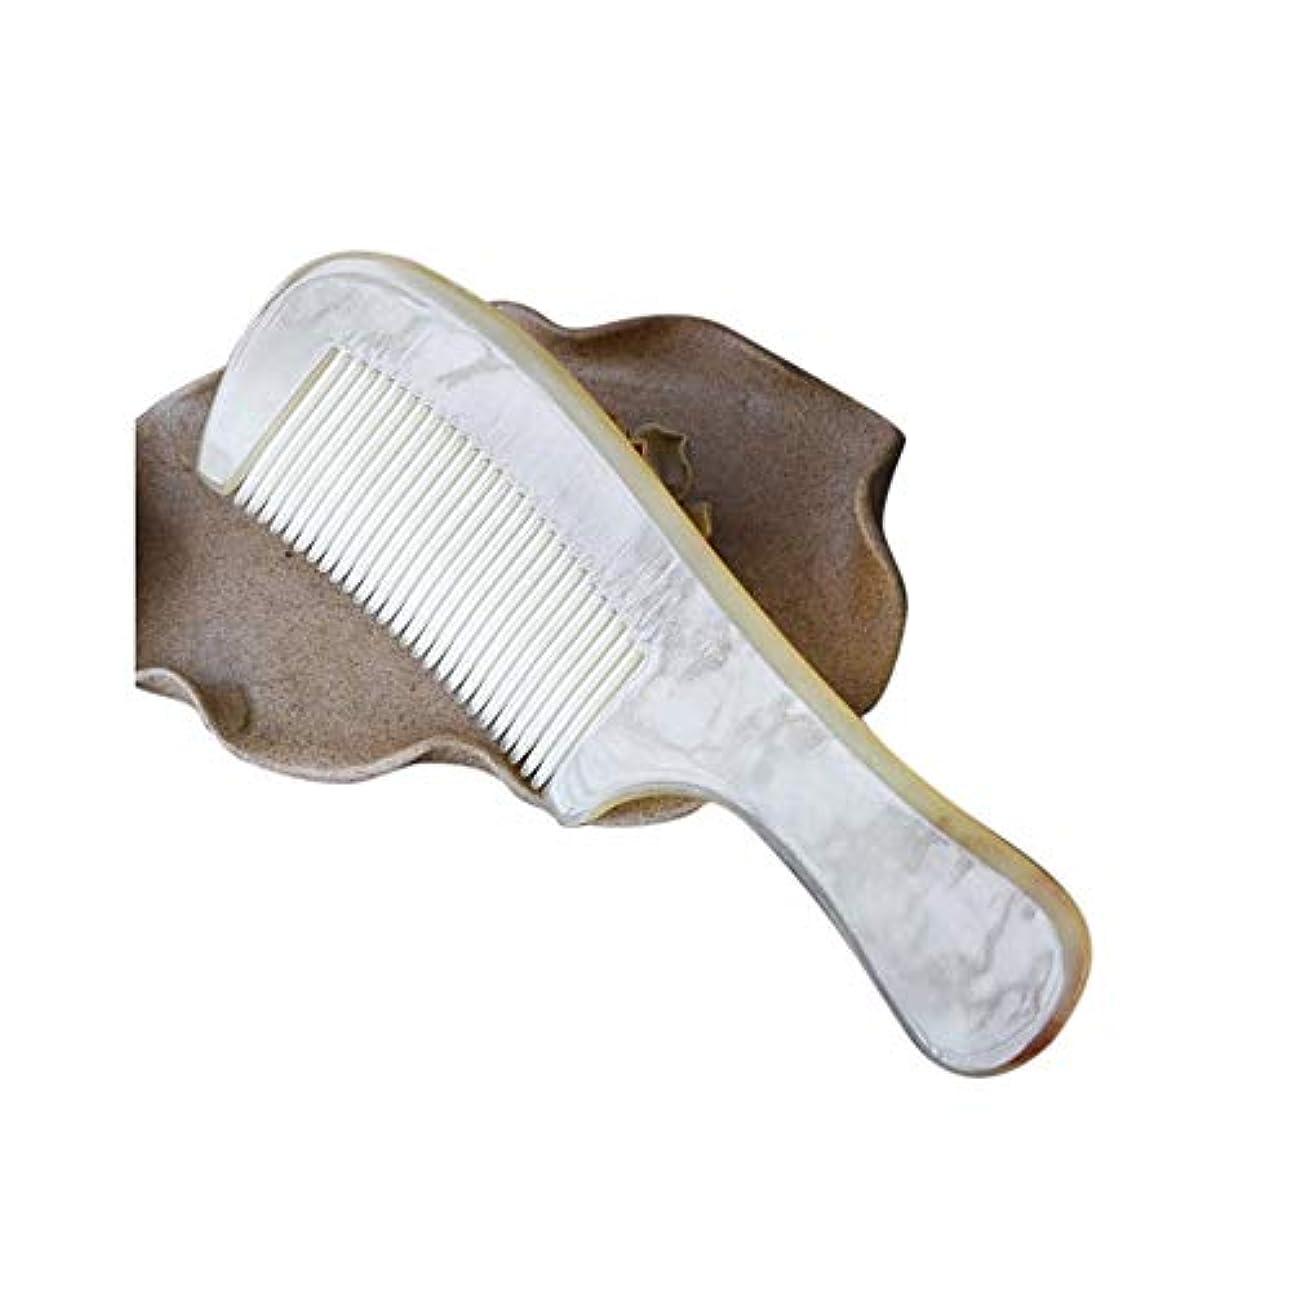 世代くすぐったい効率WASAIO 自然工芸シープホーンくしDetangleコームズメンズ?レディース?ヘアーブラシセットパドル帯電防止